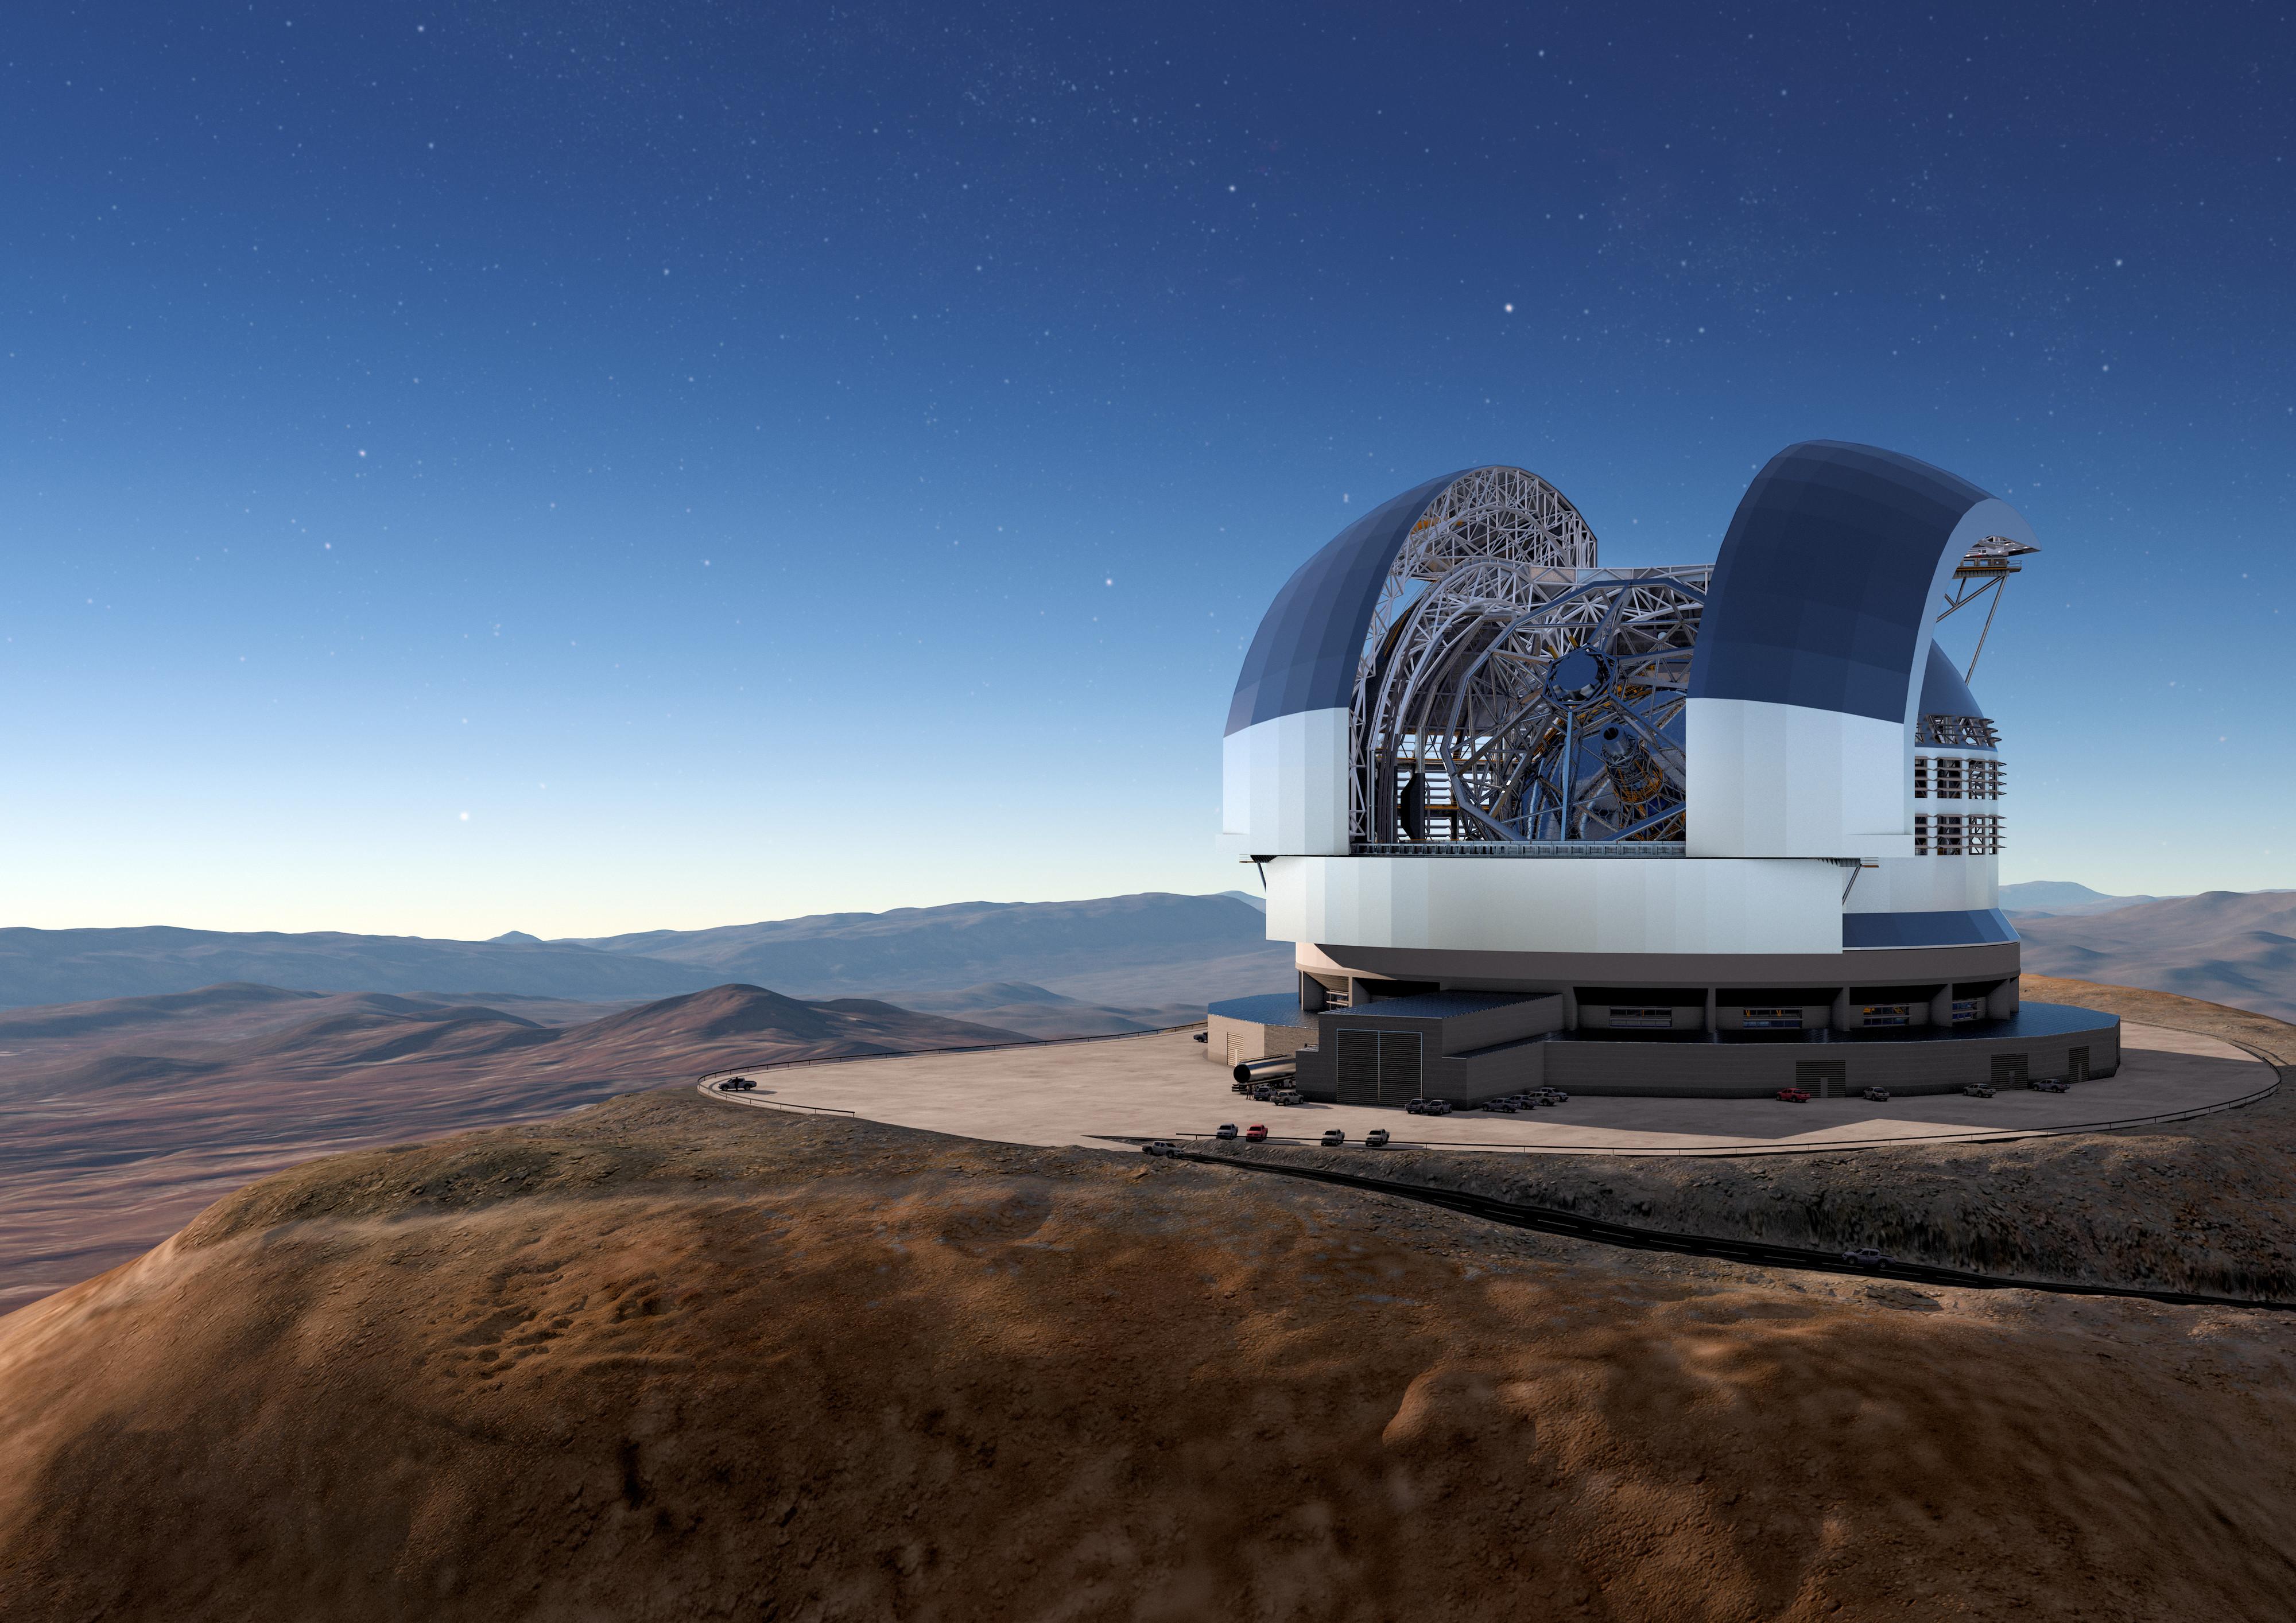 Le Chili lance la construction du plus grand télescope du monde